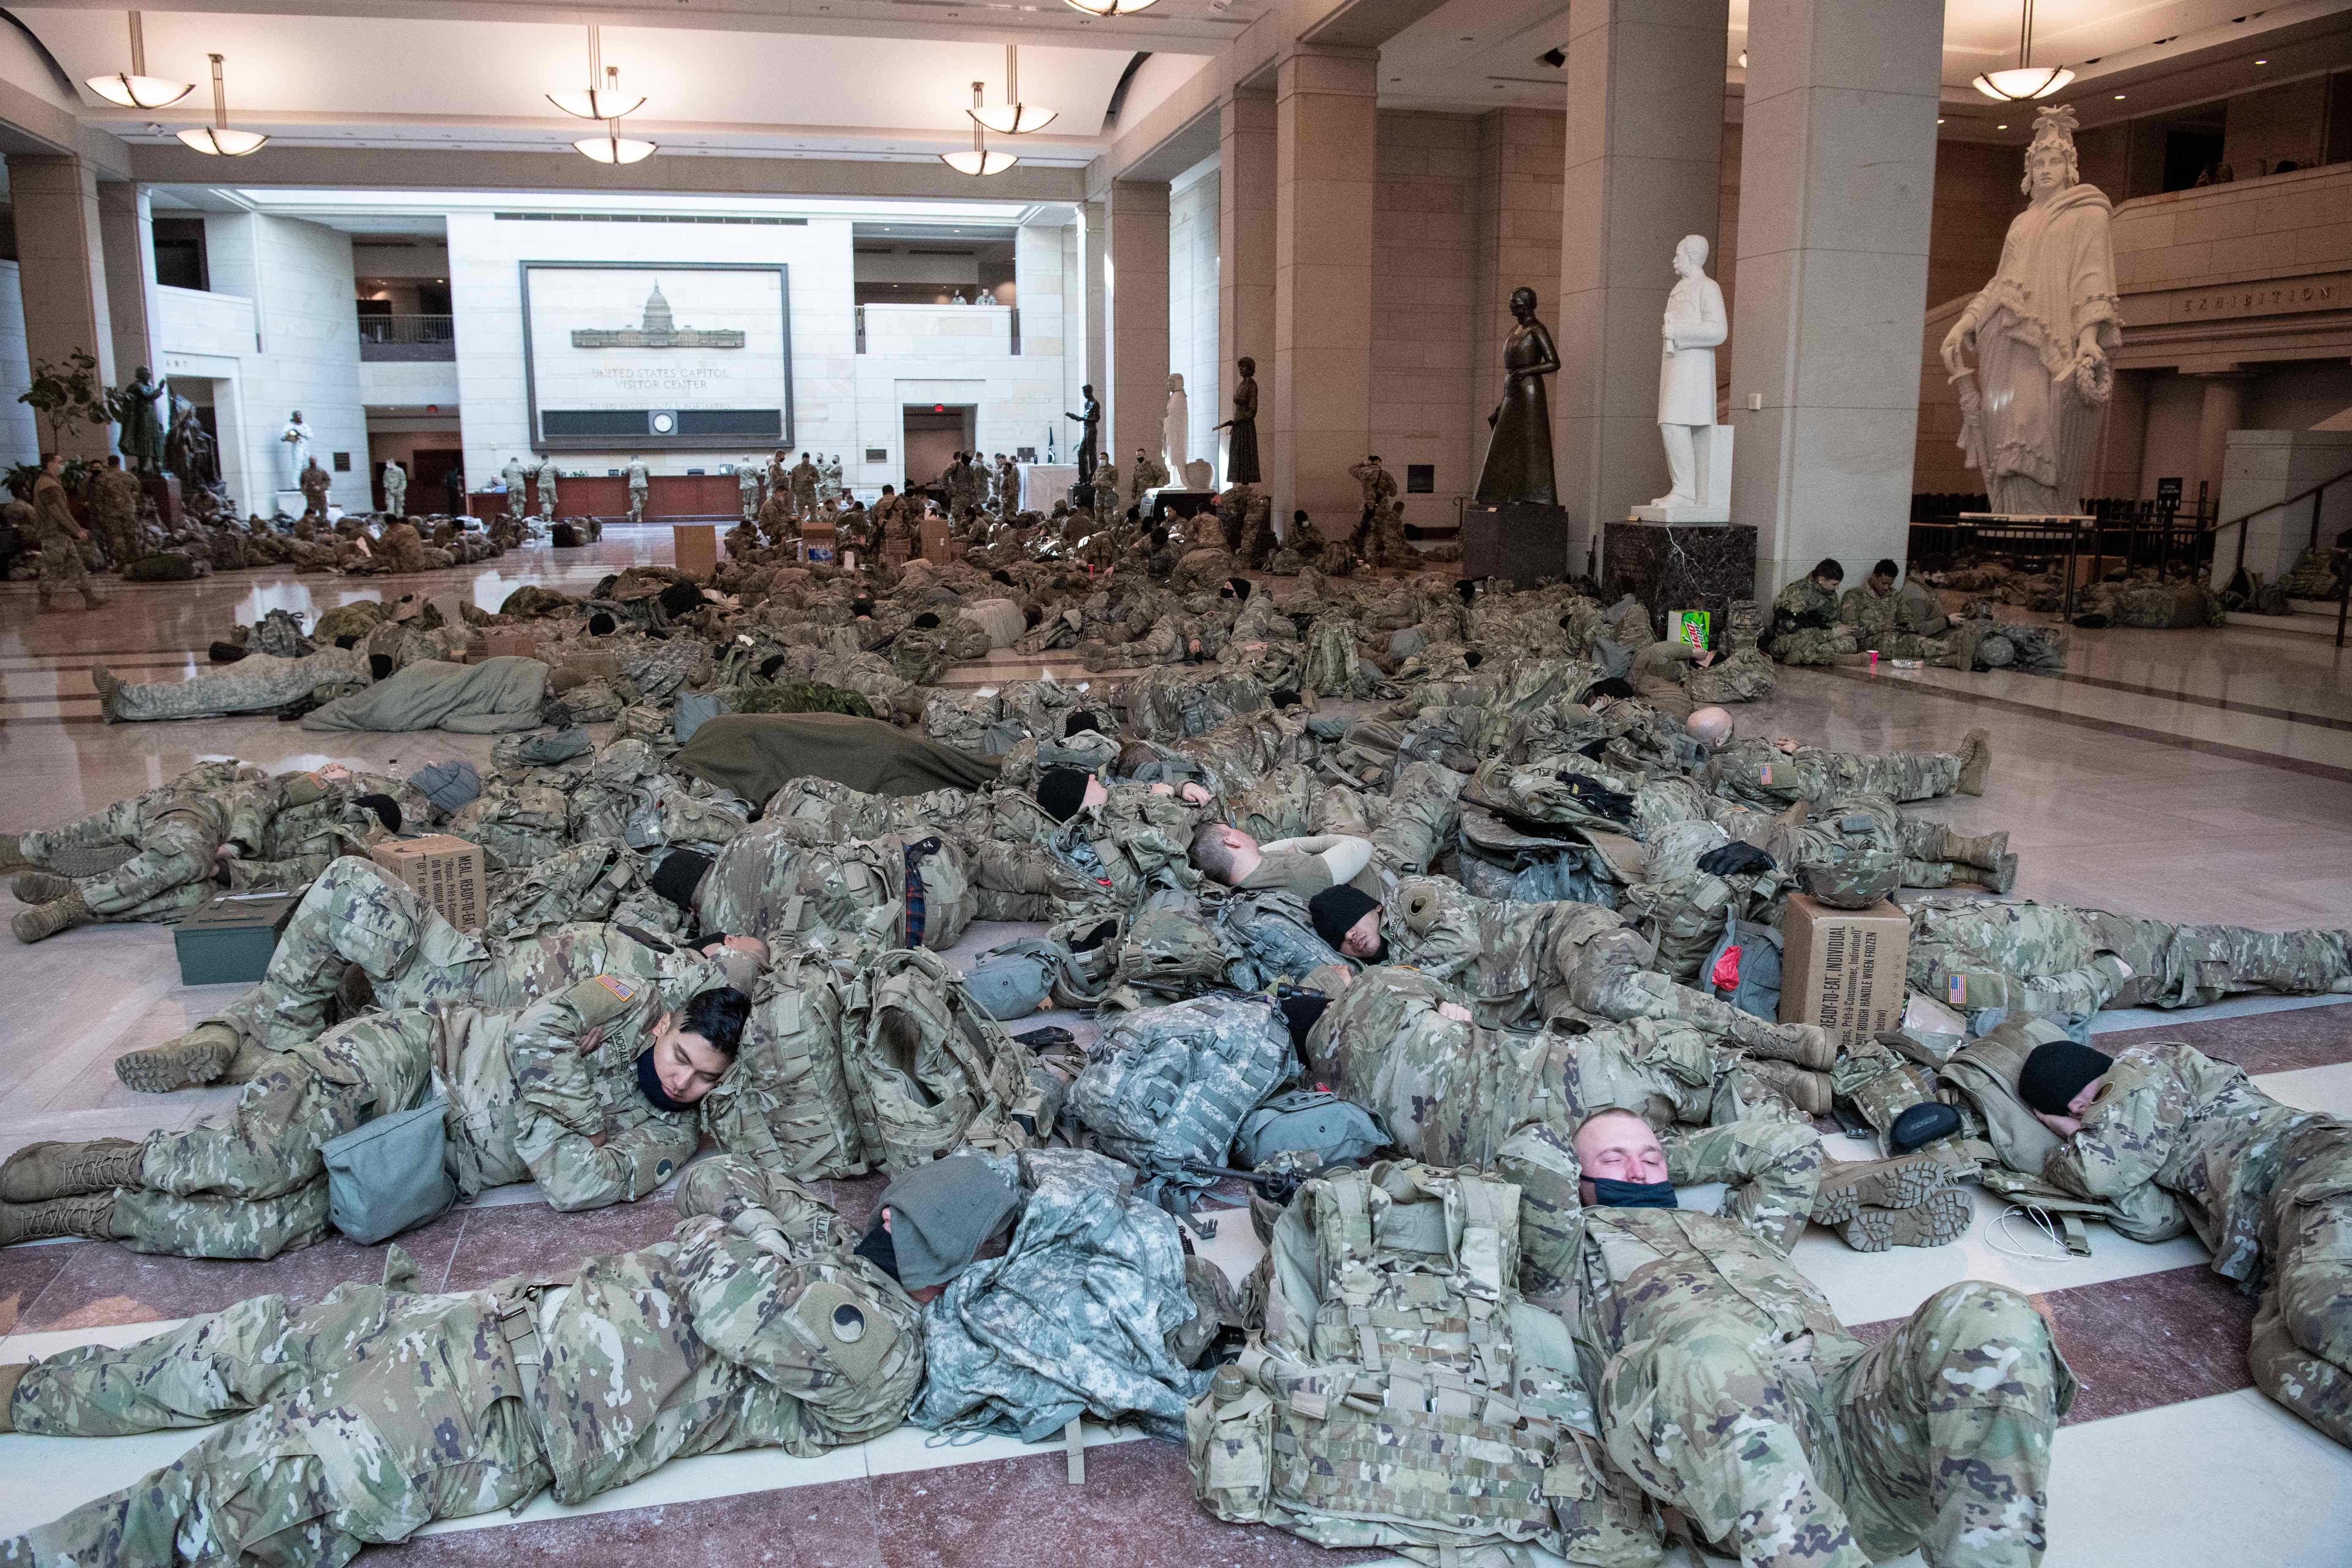 اعضای گارد ملی برای جلوگیری از حوادث هنگام رای گیری ، در پایتخت واشنگتن می خوابند.